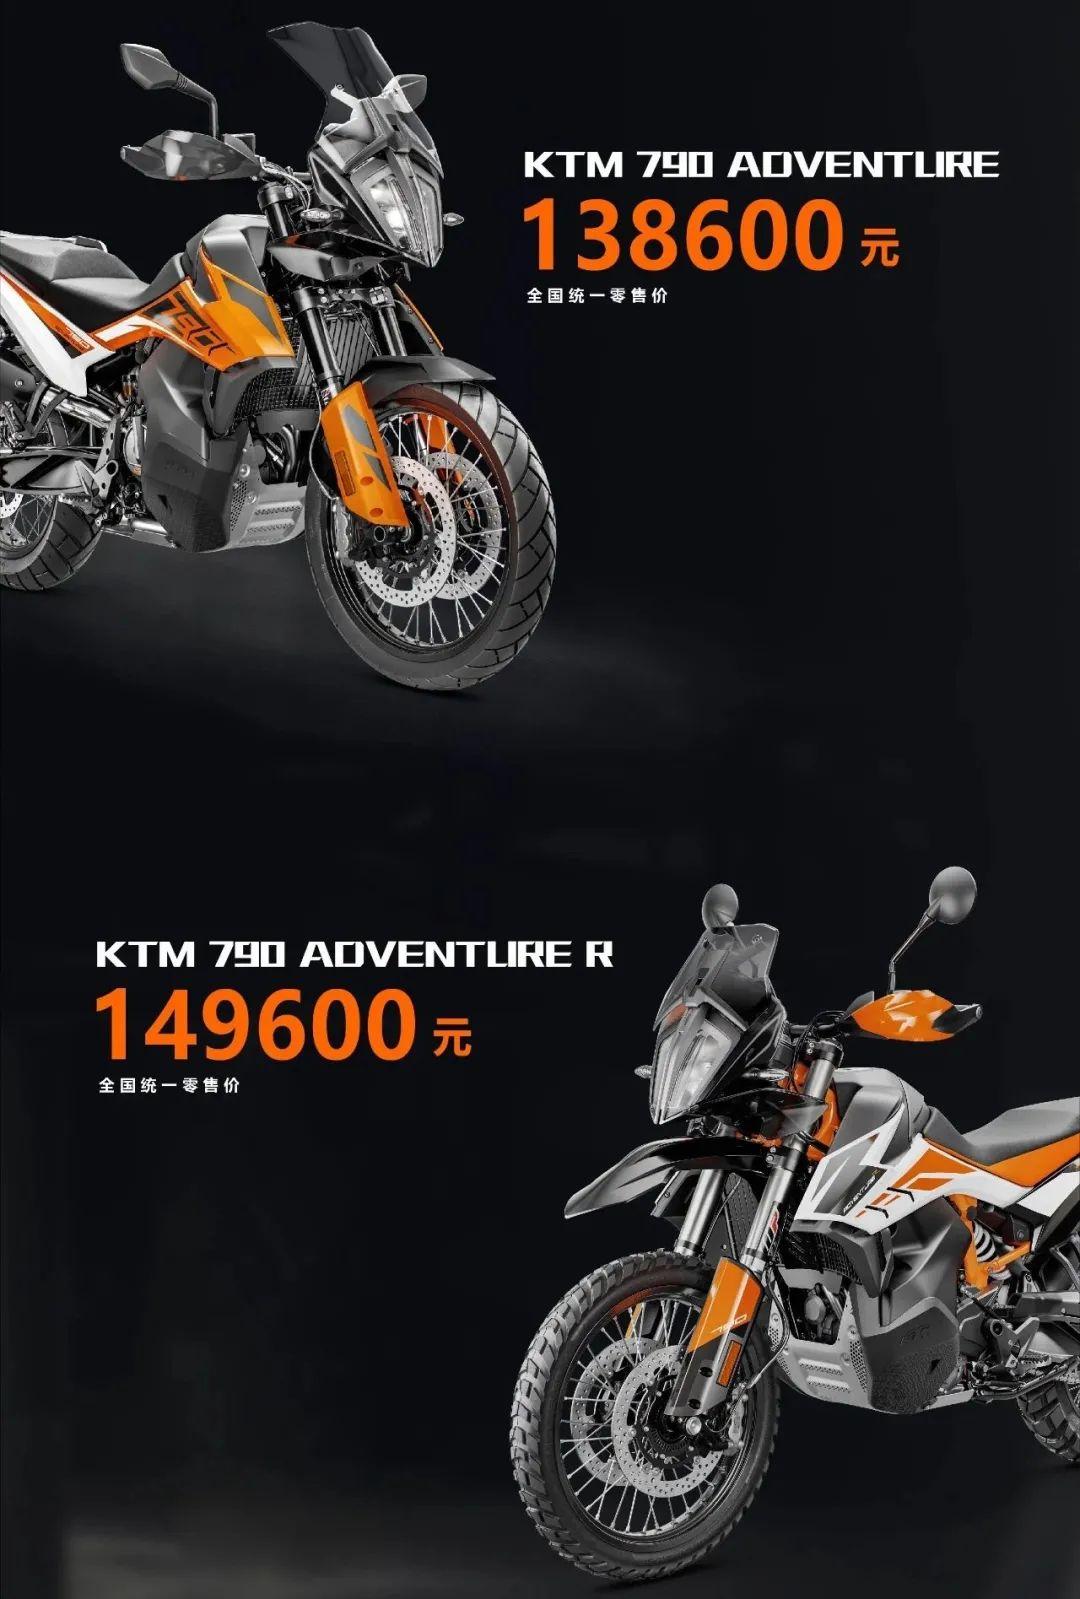 CKD威力巨大,价格调整3万左右,CKD版KTM 790 ADVENTURE & R正式发布!-第3张图片-春风行摩托车之家